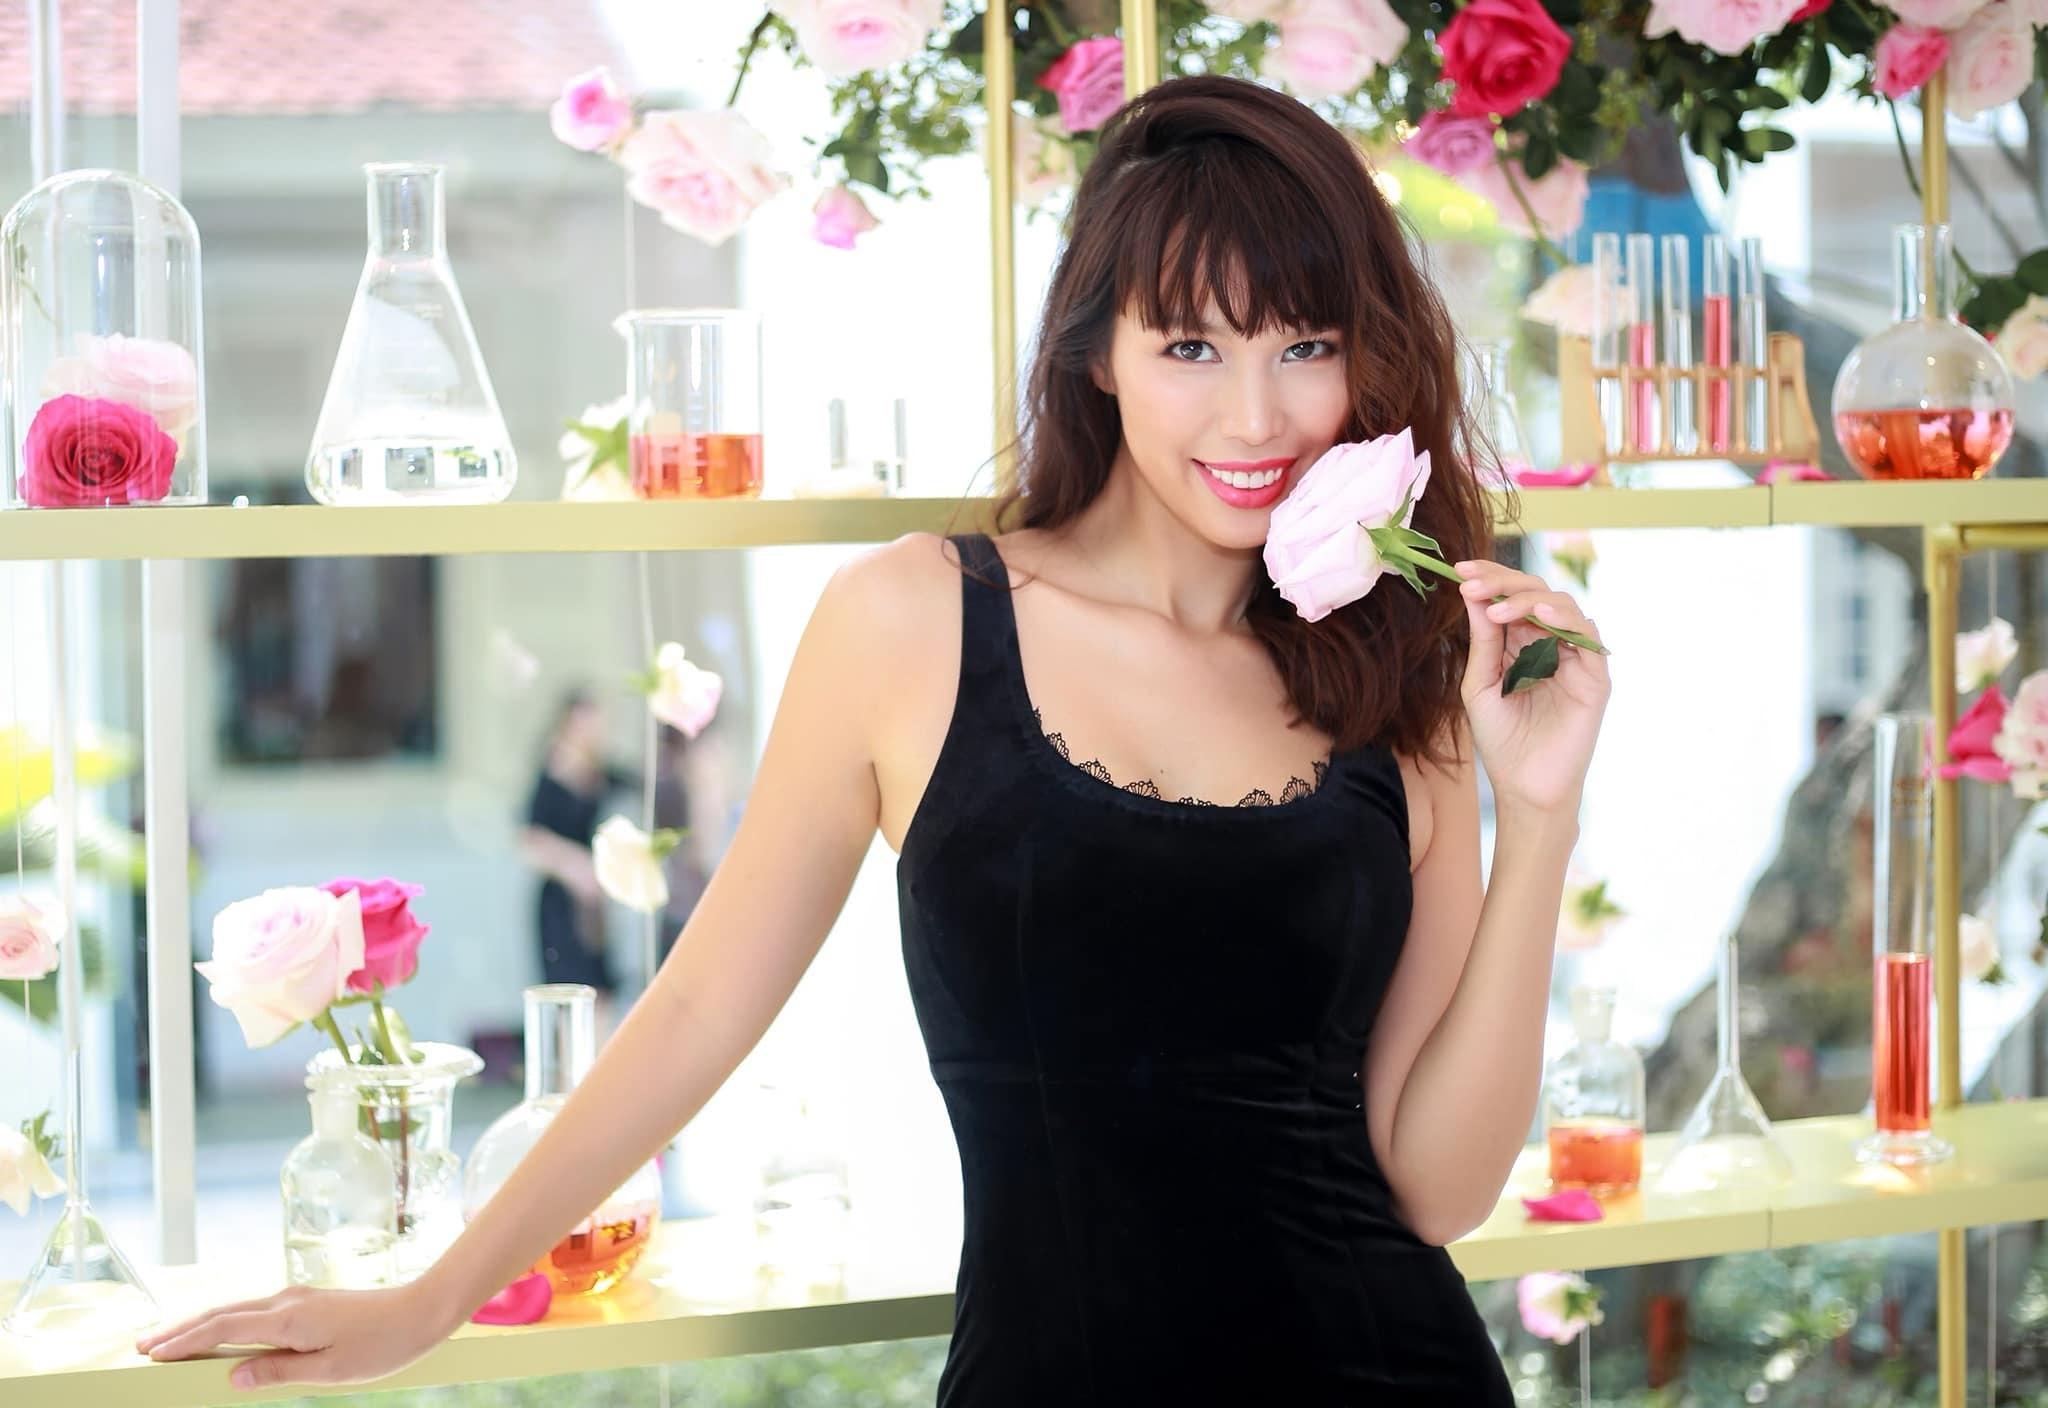 Siêu mẫu Hà Anh: 'Lối sống 'phông bạt', nhiều người ảo tưởng tầm ảnh hưởng trên mạng xã hội'